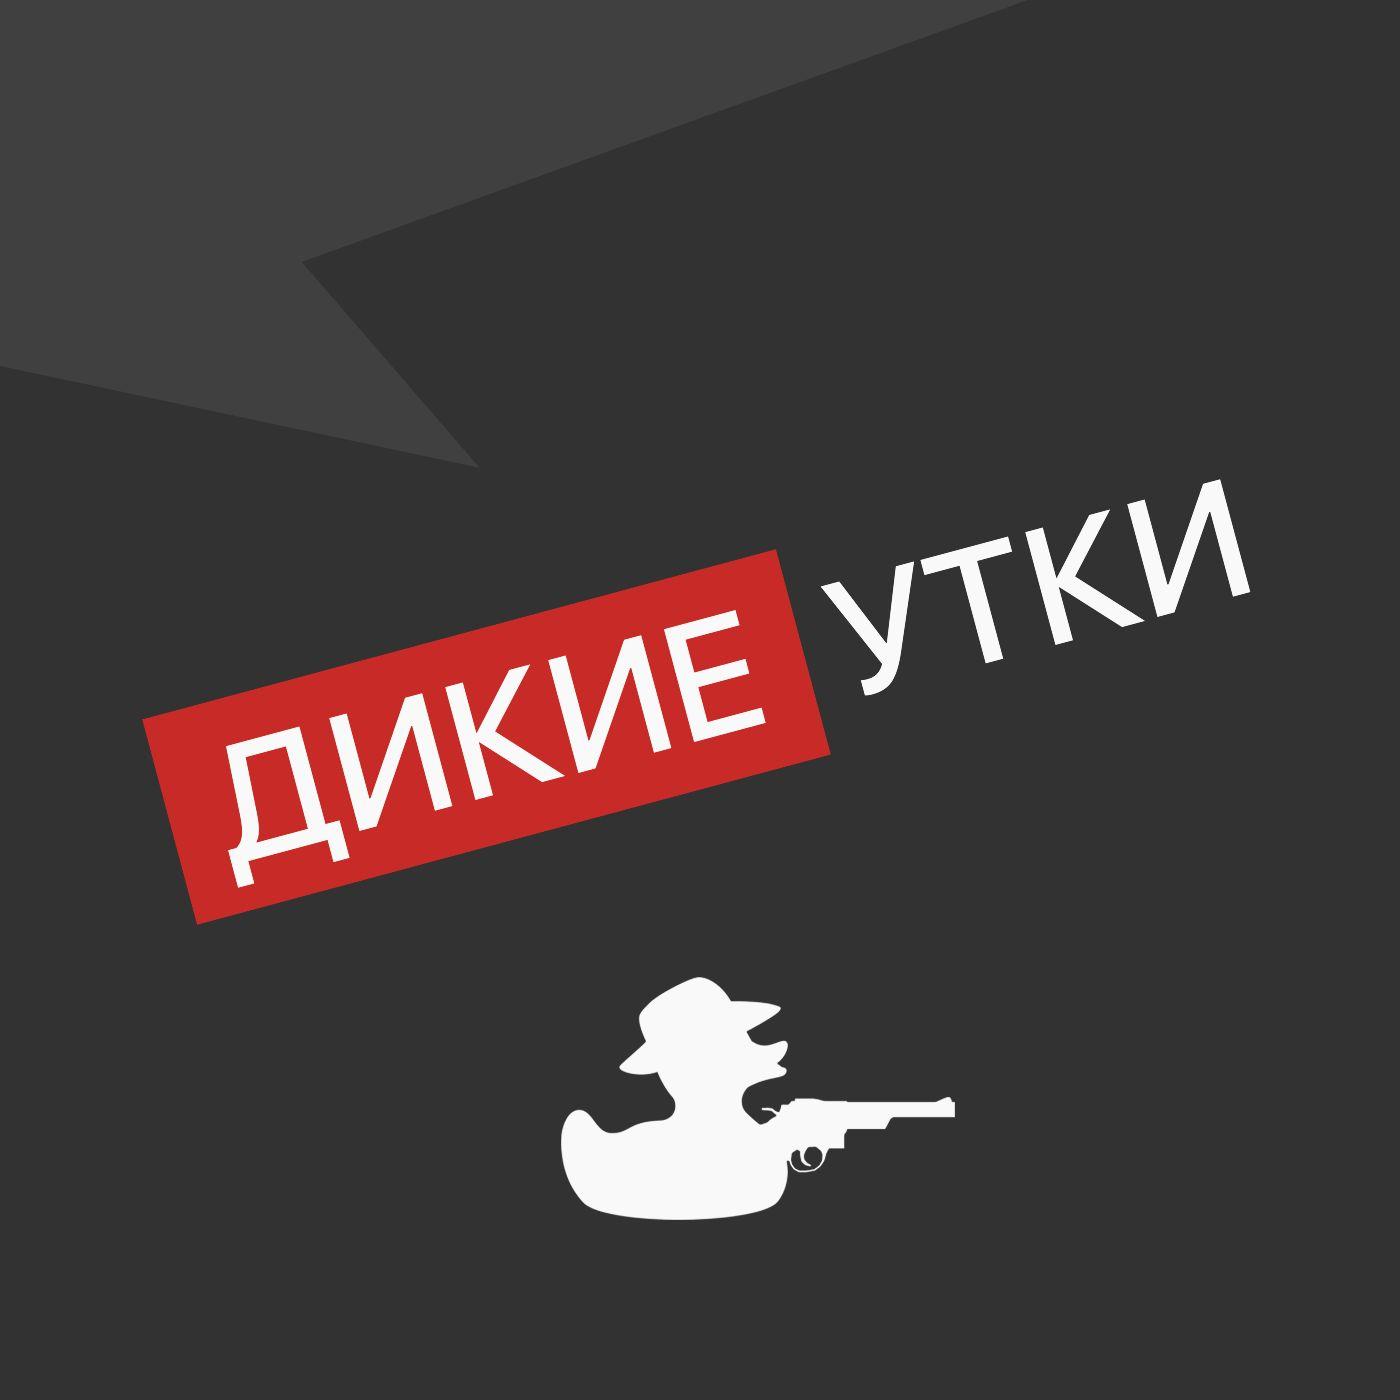 Творческий коллектив Mojomedia Выпуск № 60 творческий коллектив mojomedia владелец квесткомнаты